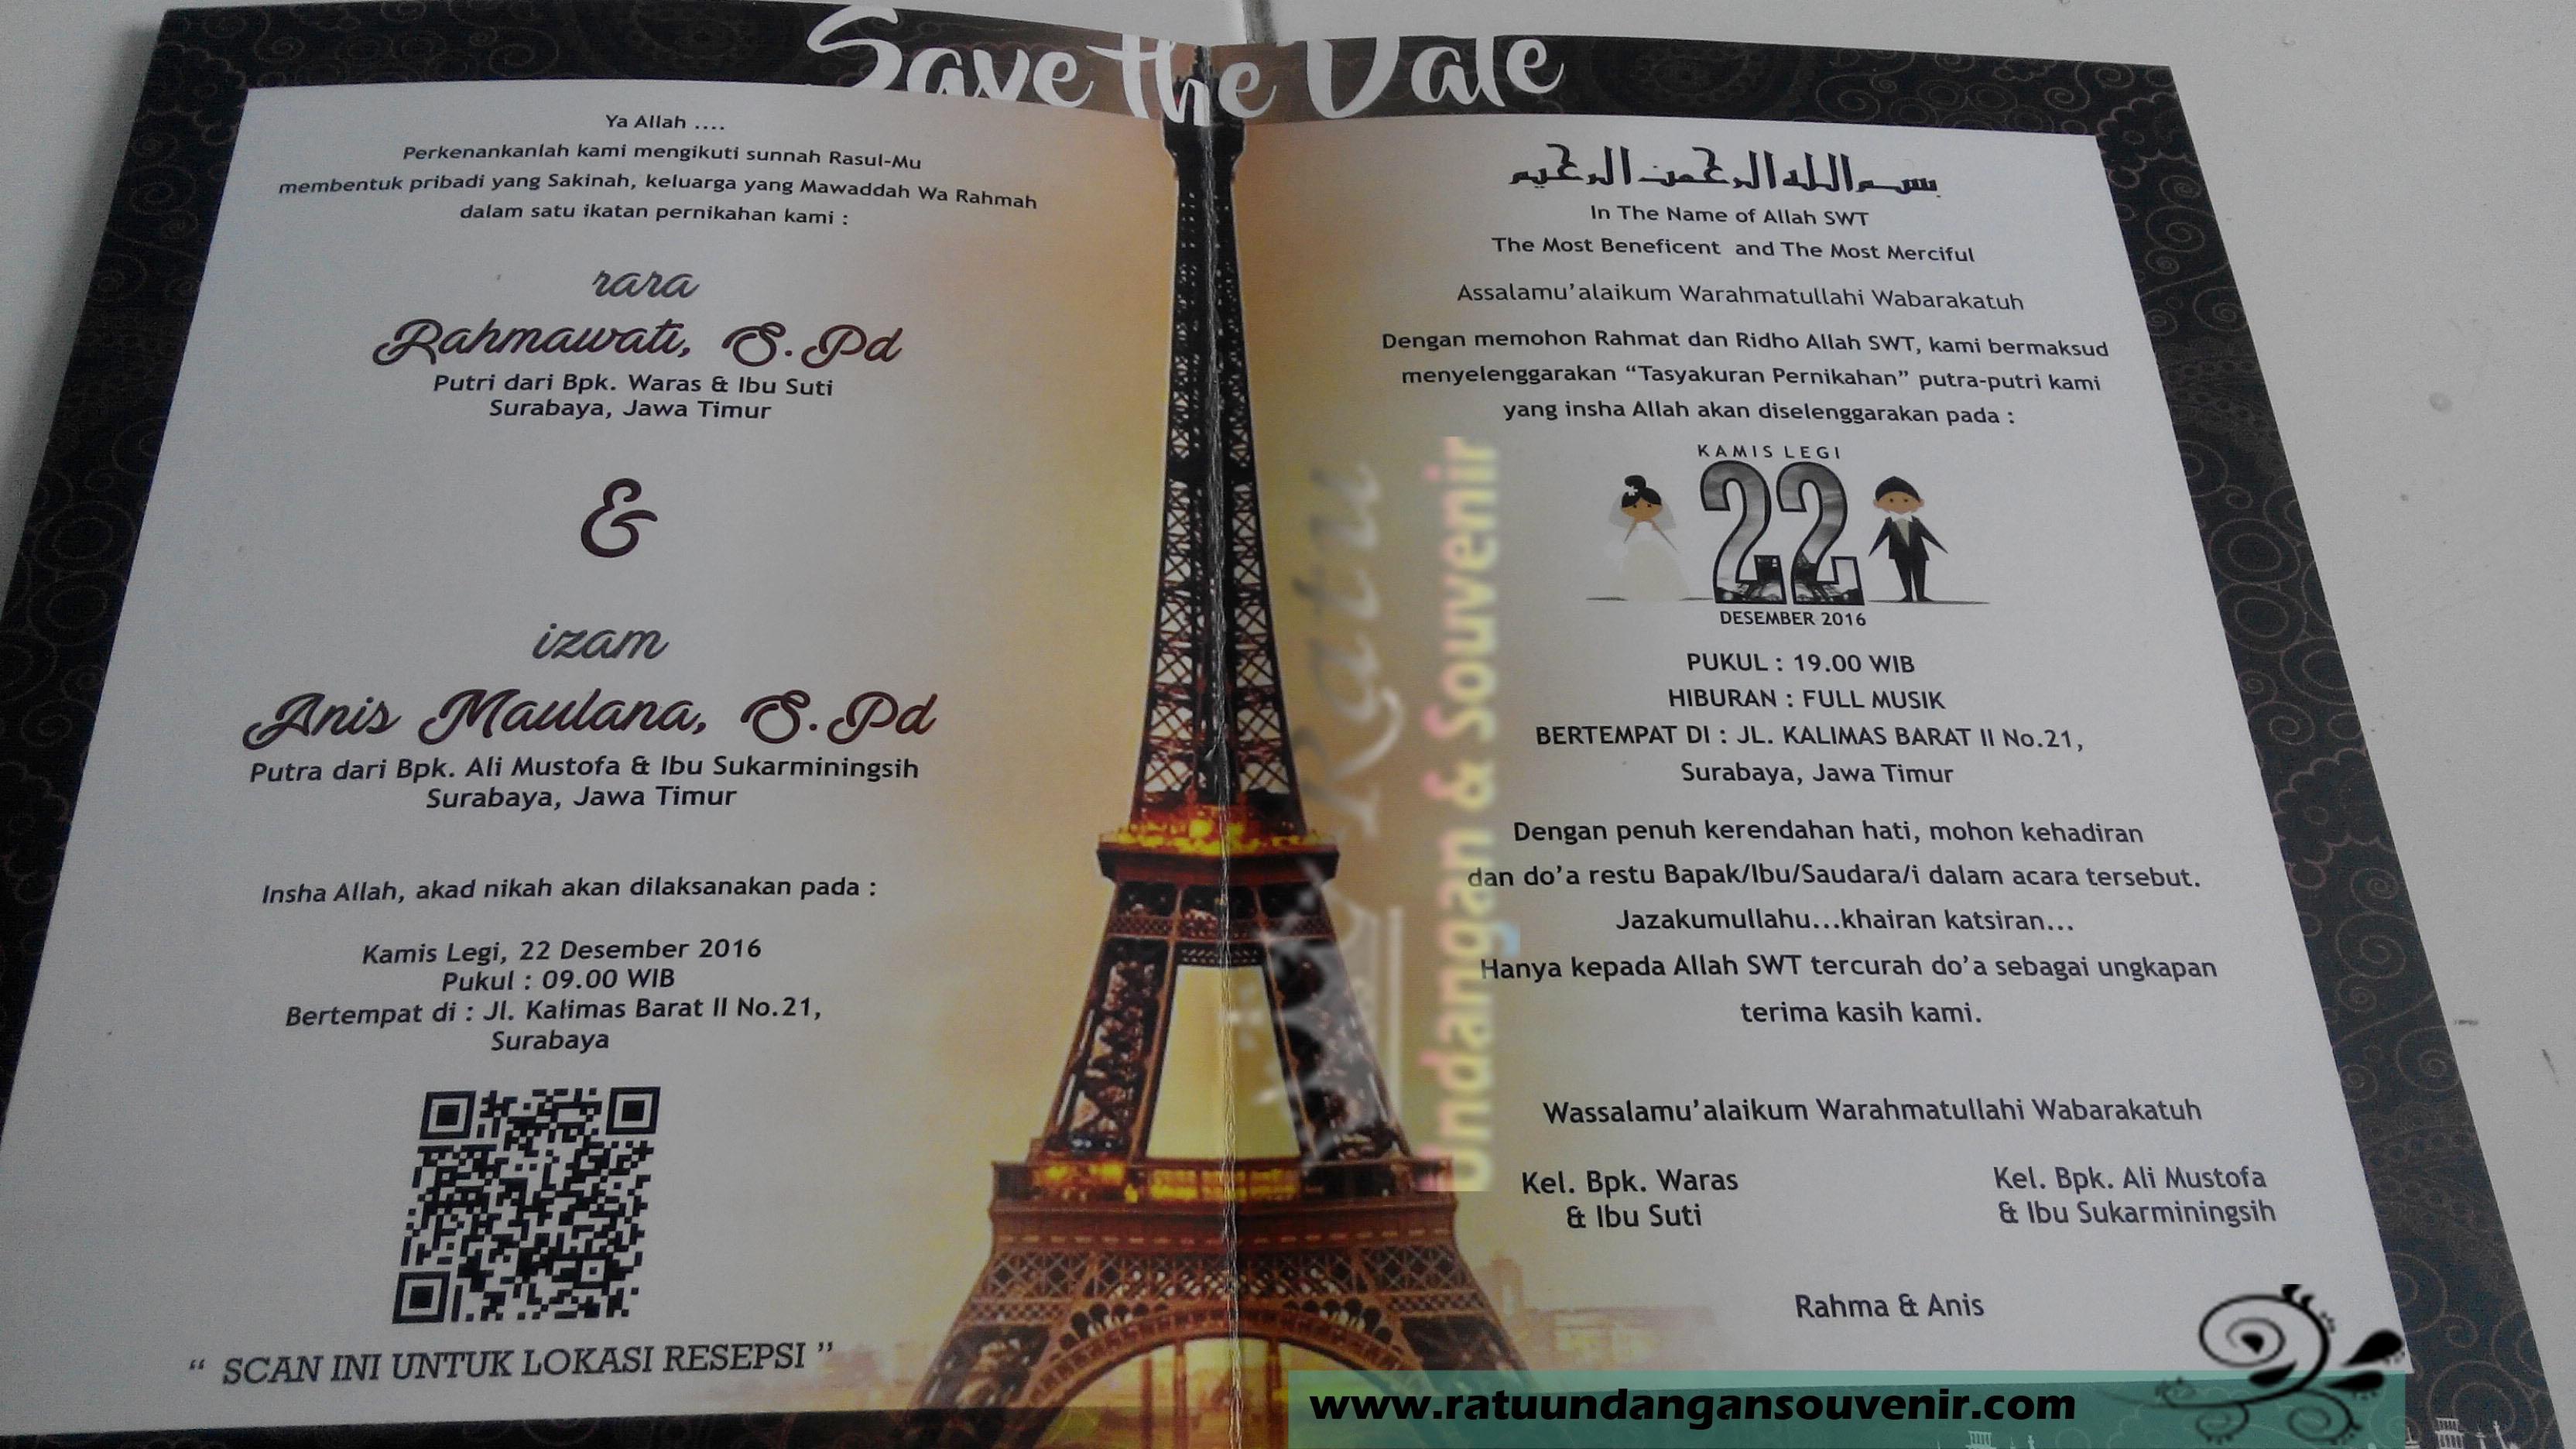 Undangan Pernikahan Konsep Barcode Ratu Undangan